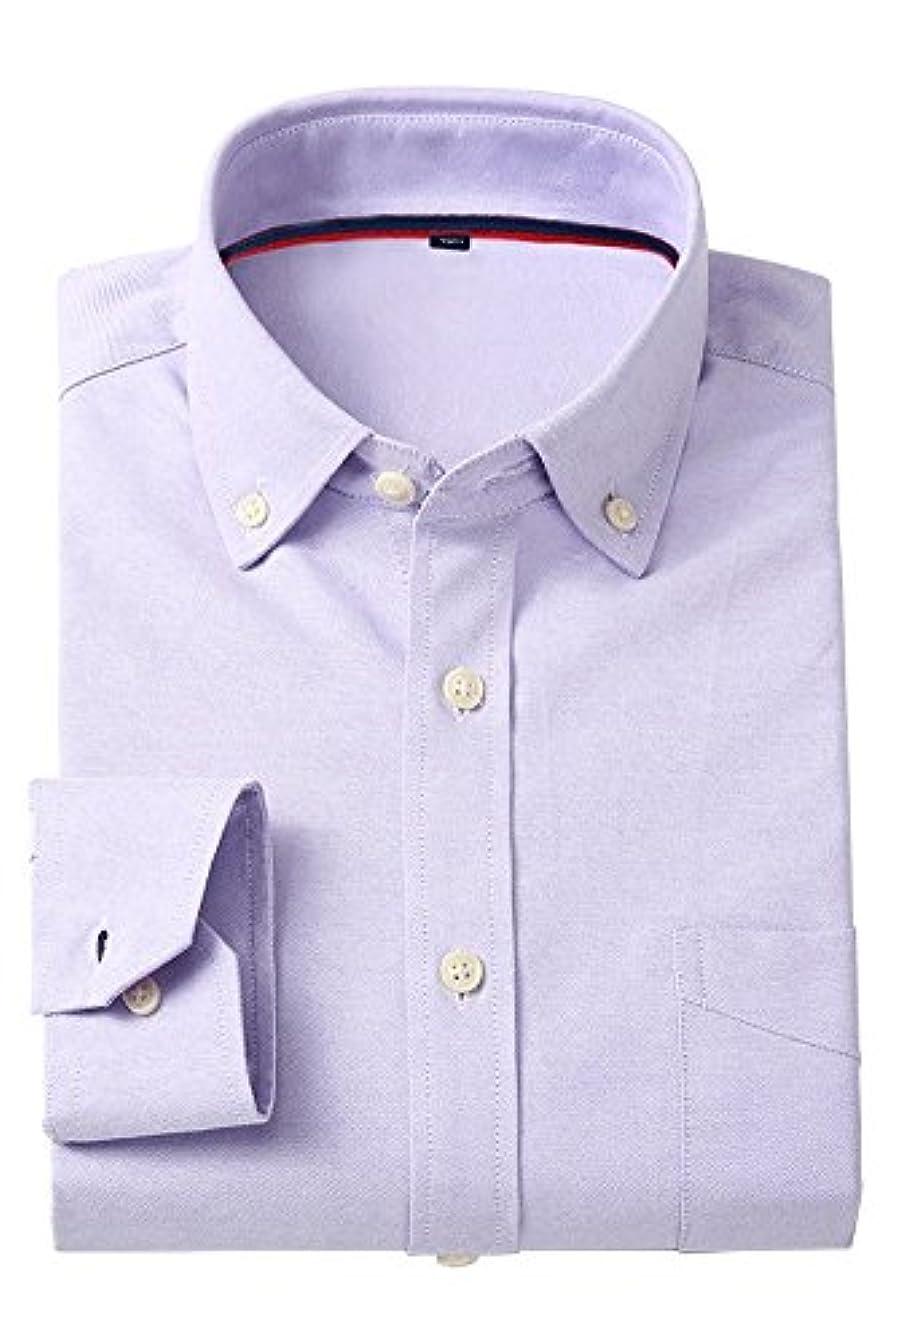 ギャラリートランスミッション整理するyシャツメンズ オックスフォードシャツ カジュアル ワイシャツ 長袖 オシャレ 形態安定 結婚式 ビジネス おしゃれ 大きいサイズ 通勤 無地 春 夏 秋 ドレスシャツ CS-XNJF